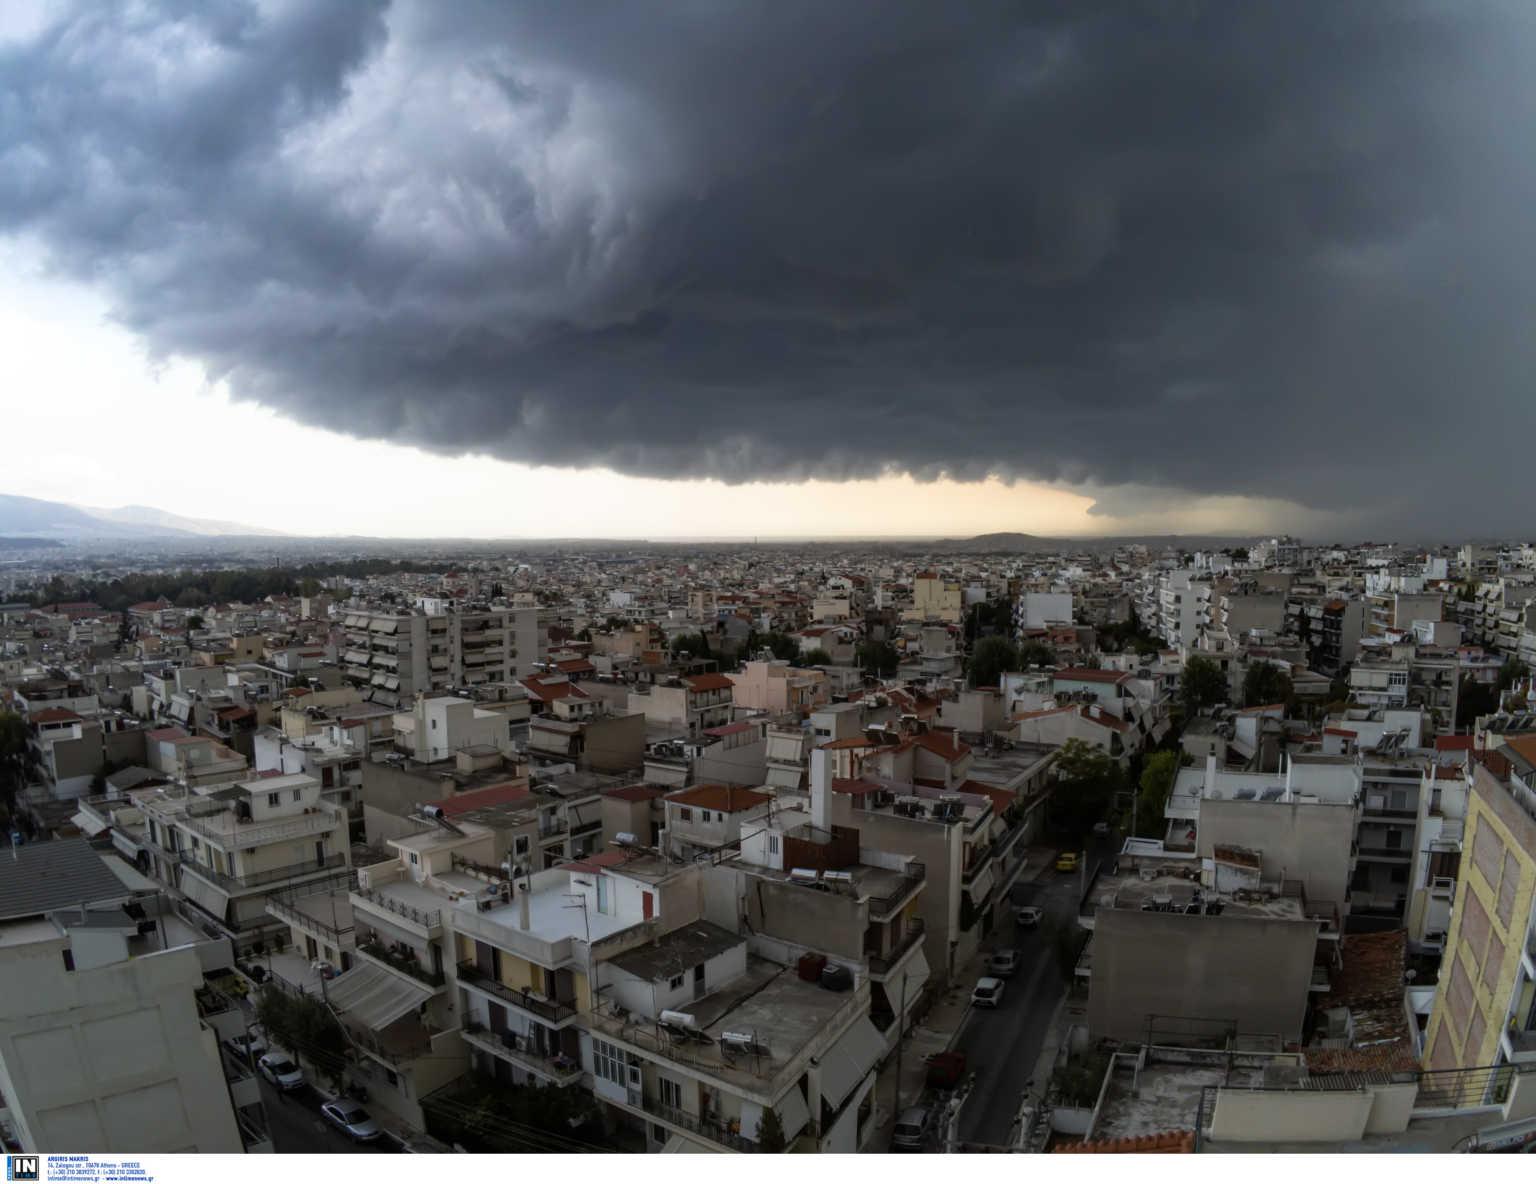 Καιρός Meteo: Νέο κύμα κακοκαιρίας τις επόμενες ώρες – Σφοδρές καταιγίδες και χαλάζι